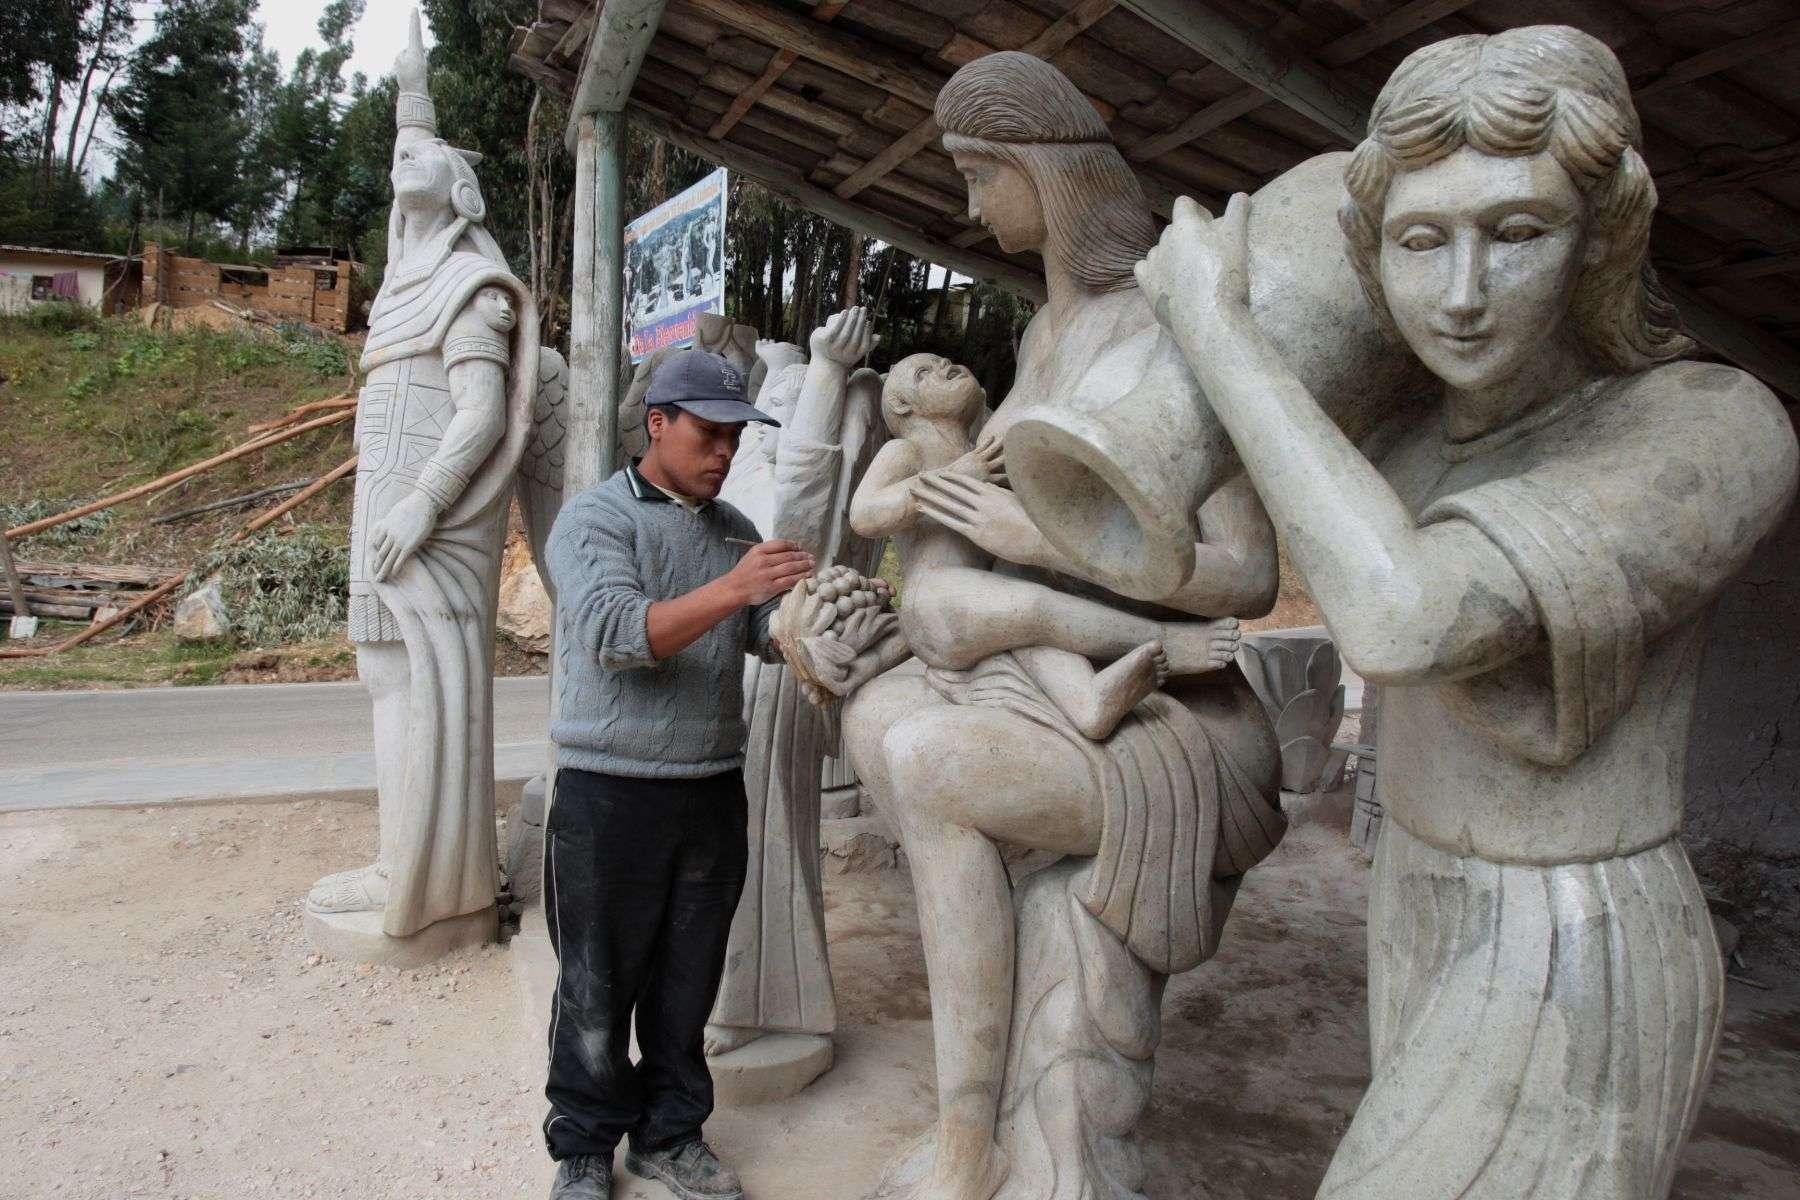 Talleres de piedra, uno de los 15 lugares turísticos de Cajamarca que debes conocer